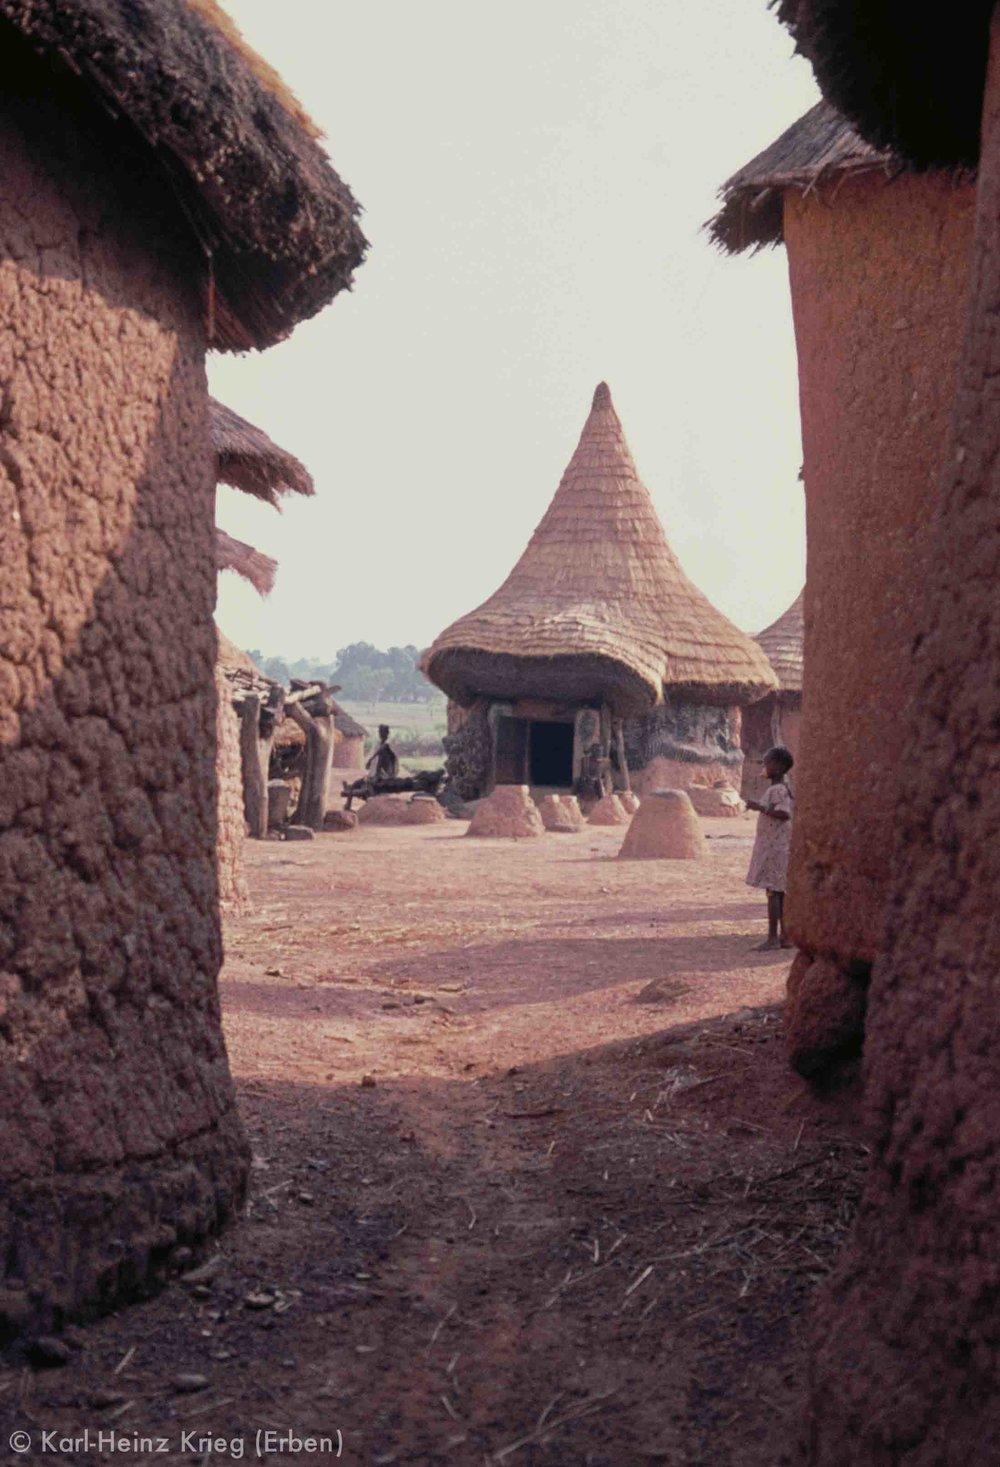 Fetisch-Haus in Niofoin (Region von Boundiali, Côte d'Ivoire). Foto: Karl-Heinz Krieg, 1977-1979